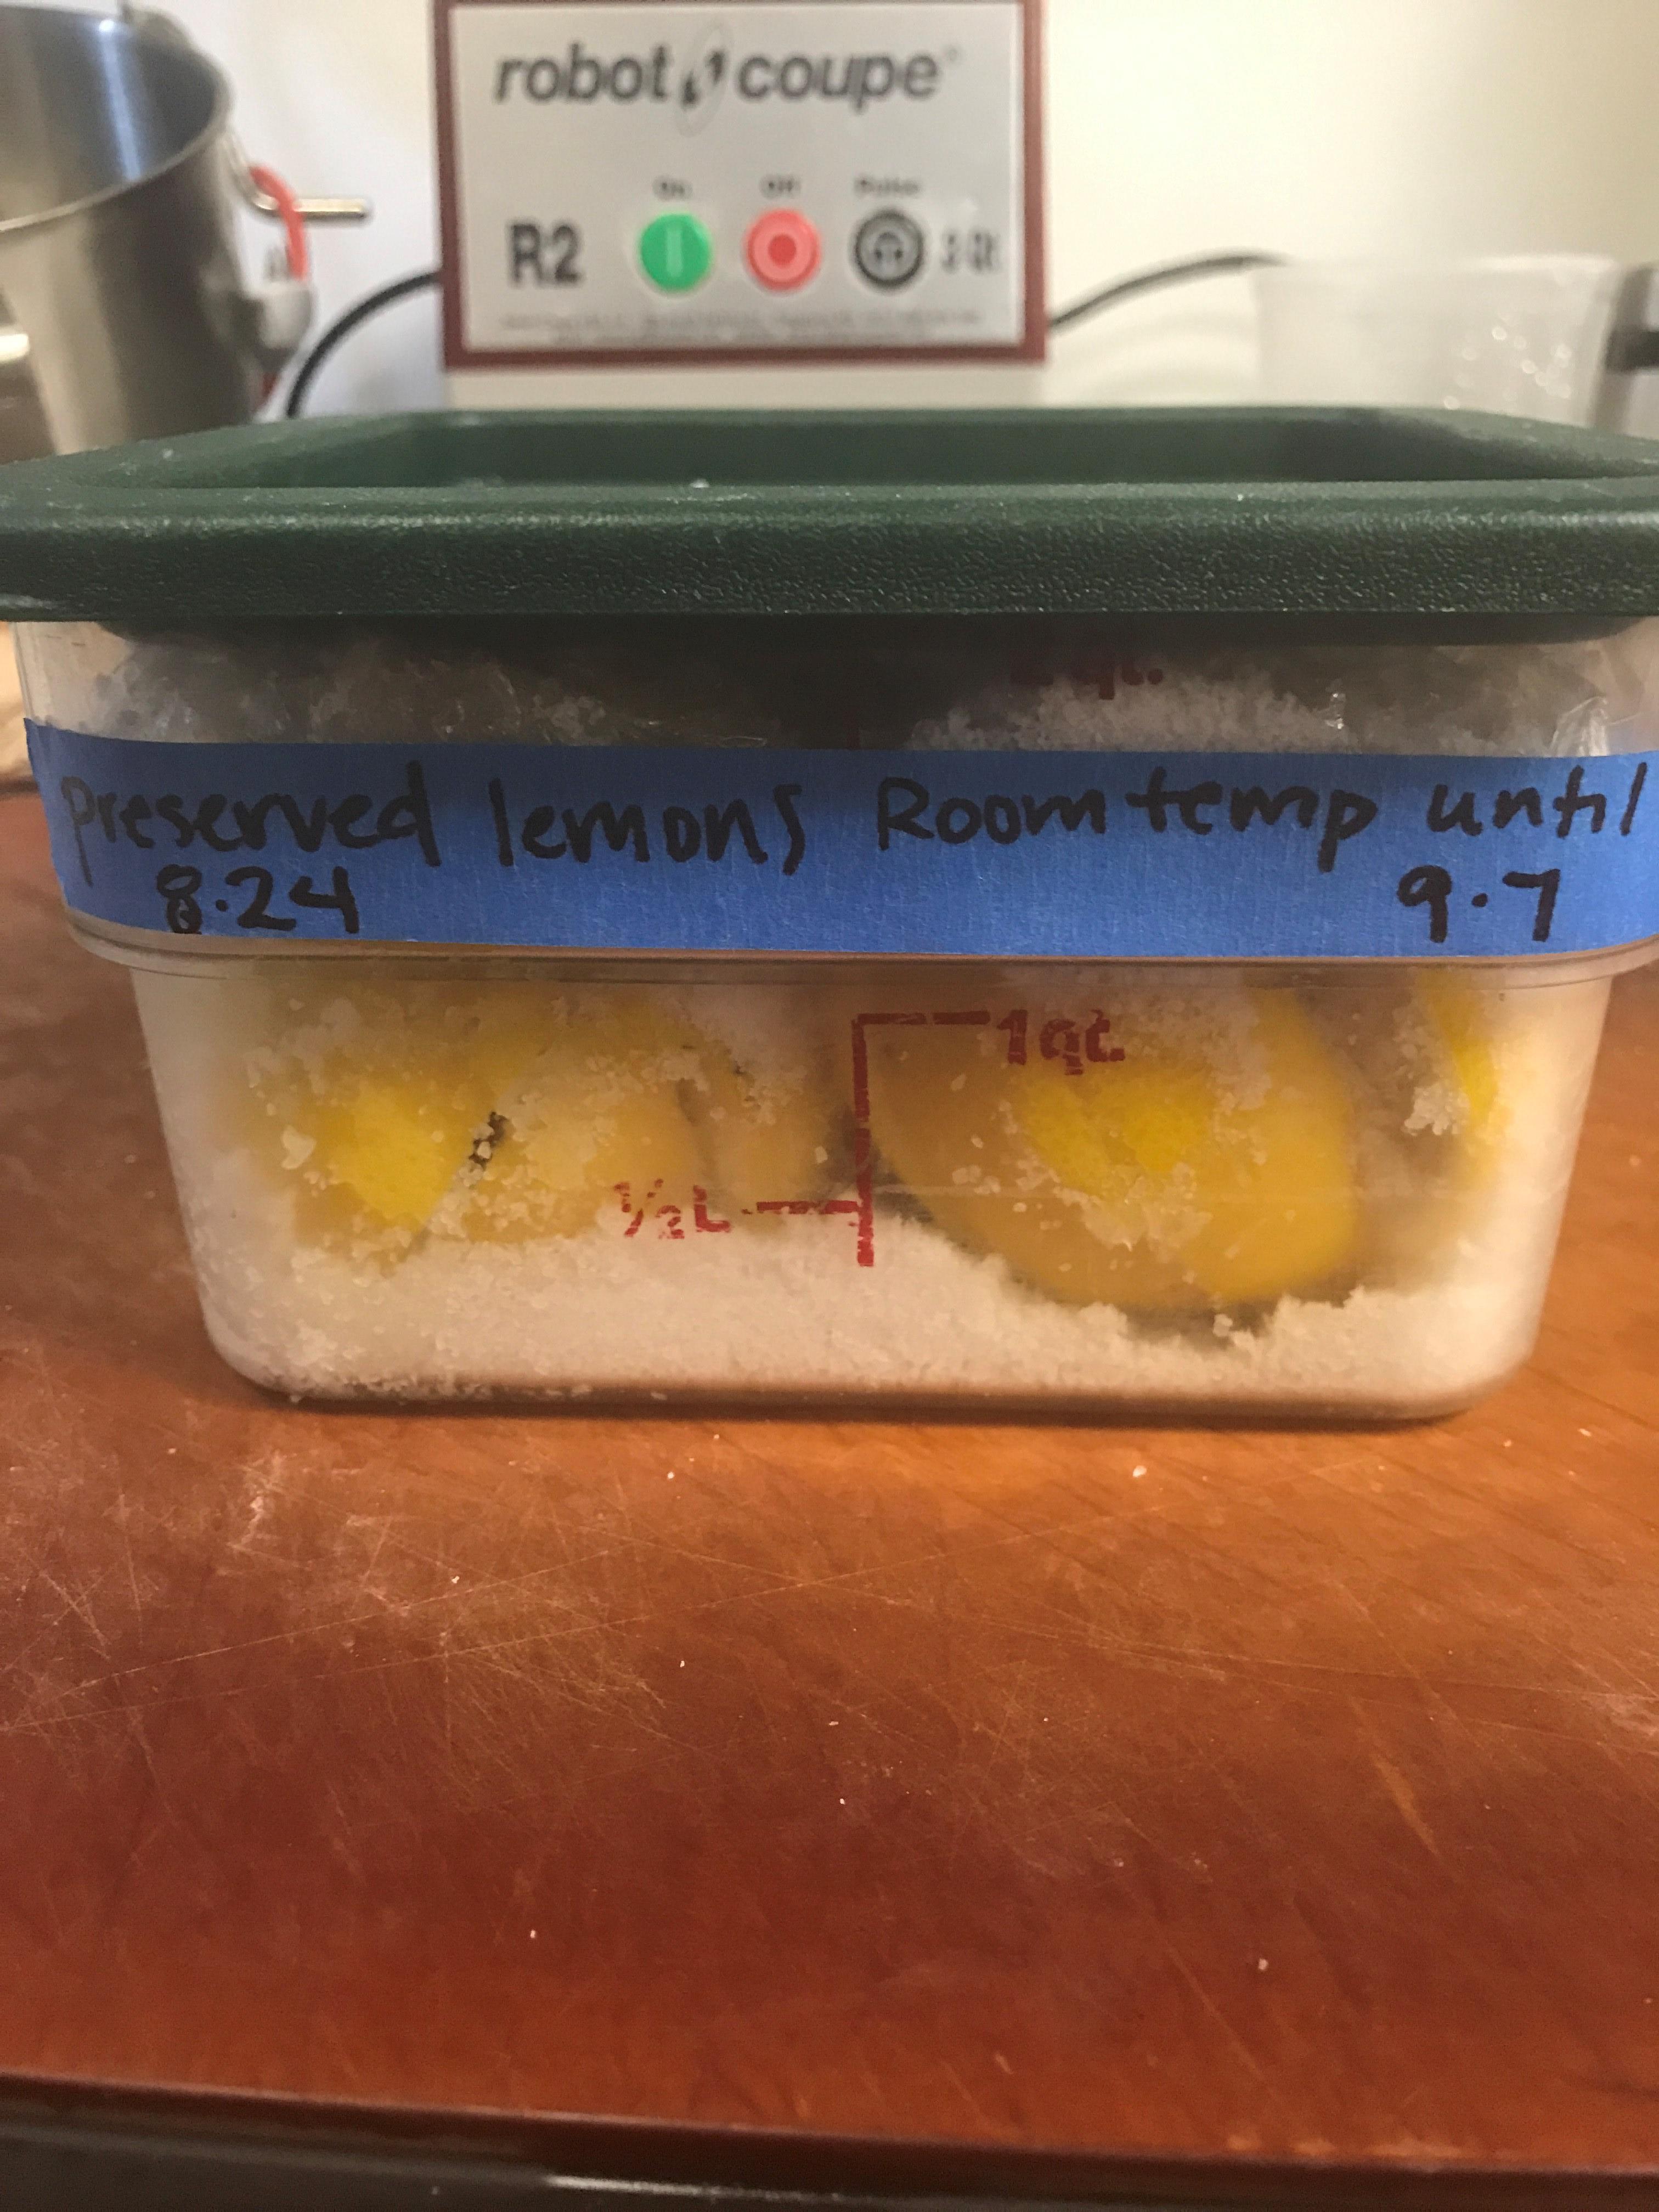 lemons labeled